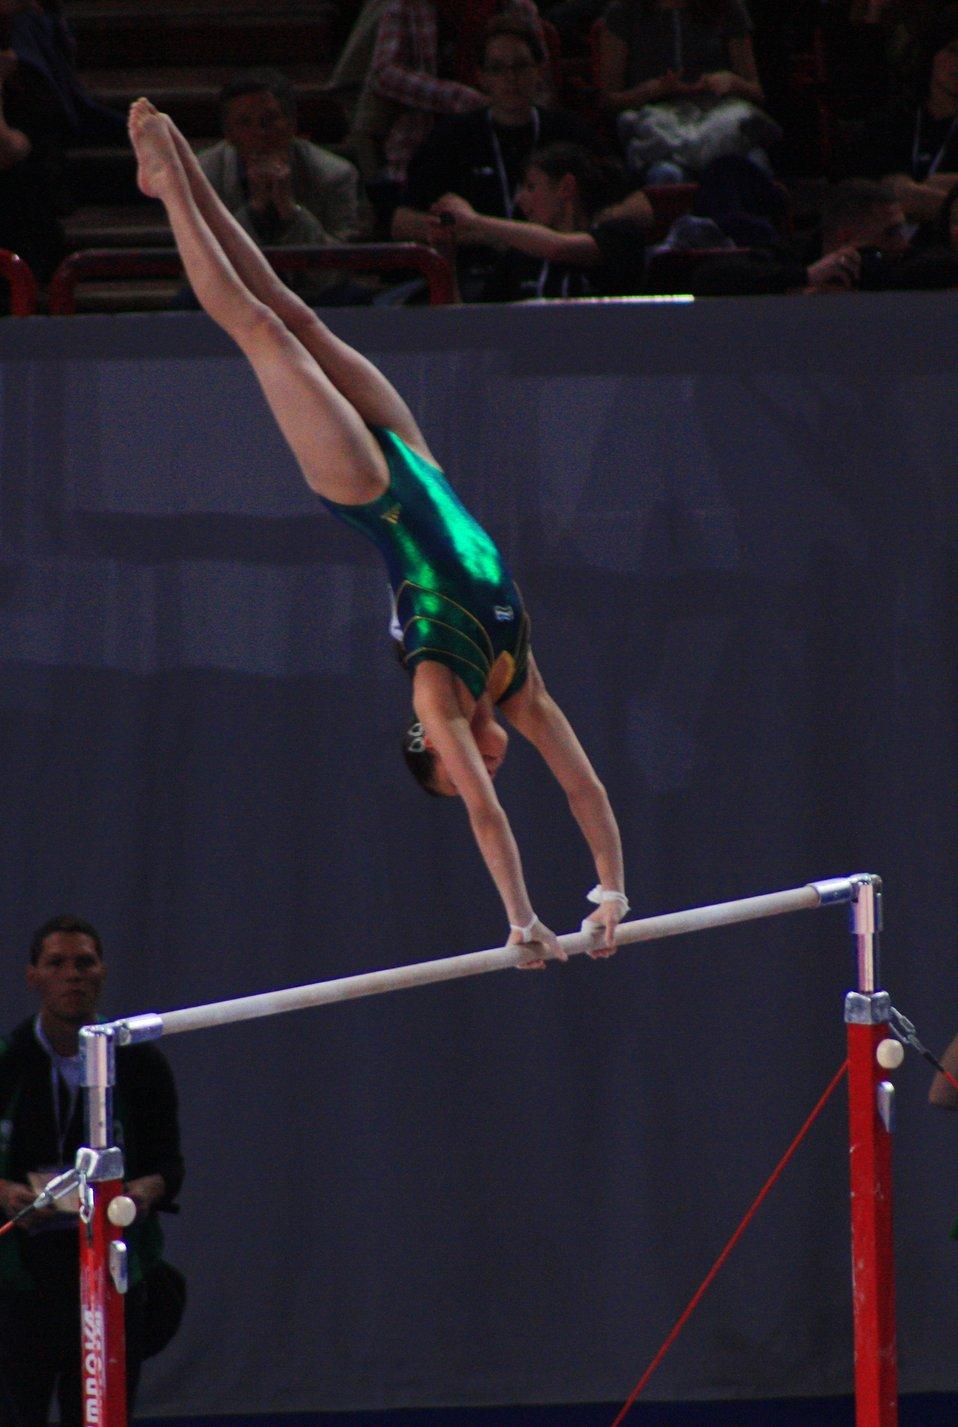 Français�:  Asal Saparbaeva lors des qualifications des barres asymétriques aux 17e Internationaux de France, en 2010.